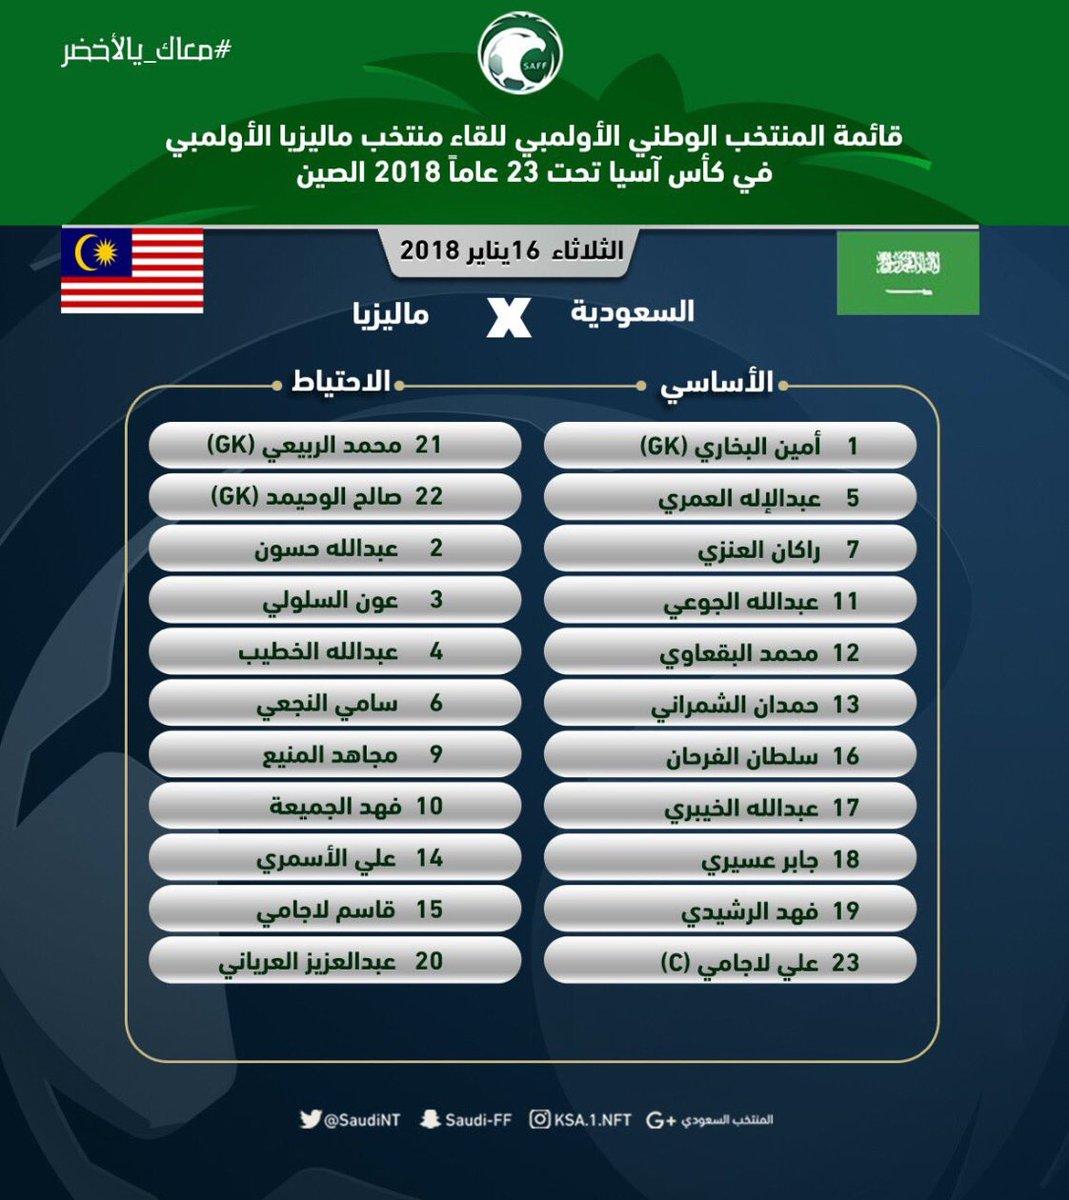 قائمة المنتخب الوطني الأولمبي للقاء منتخ...